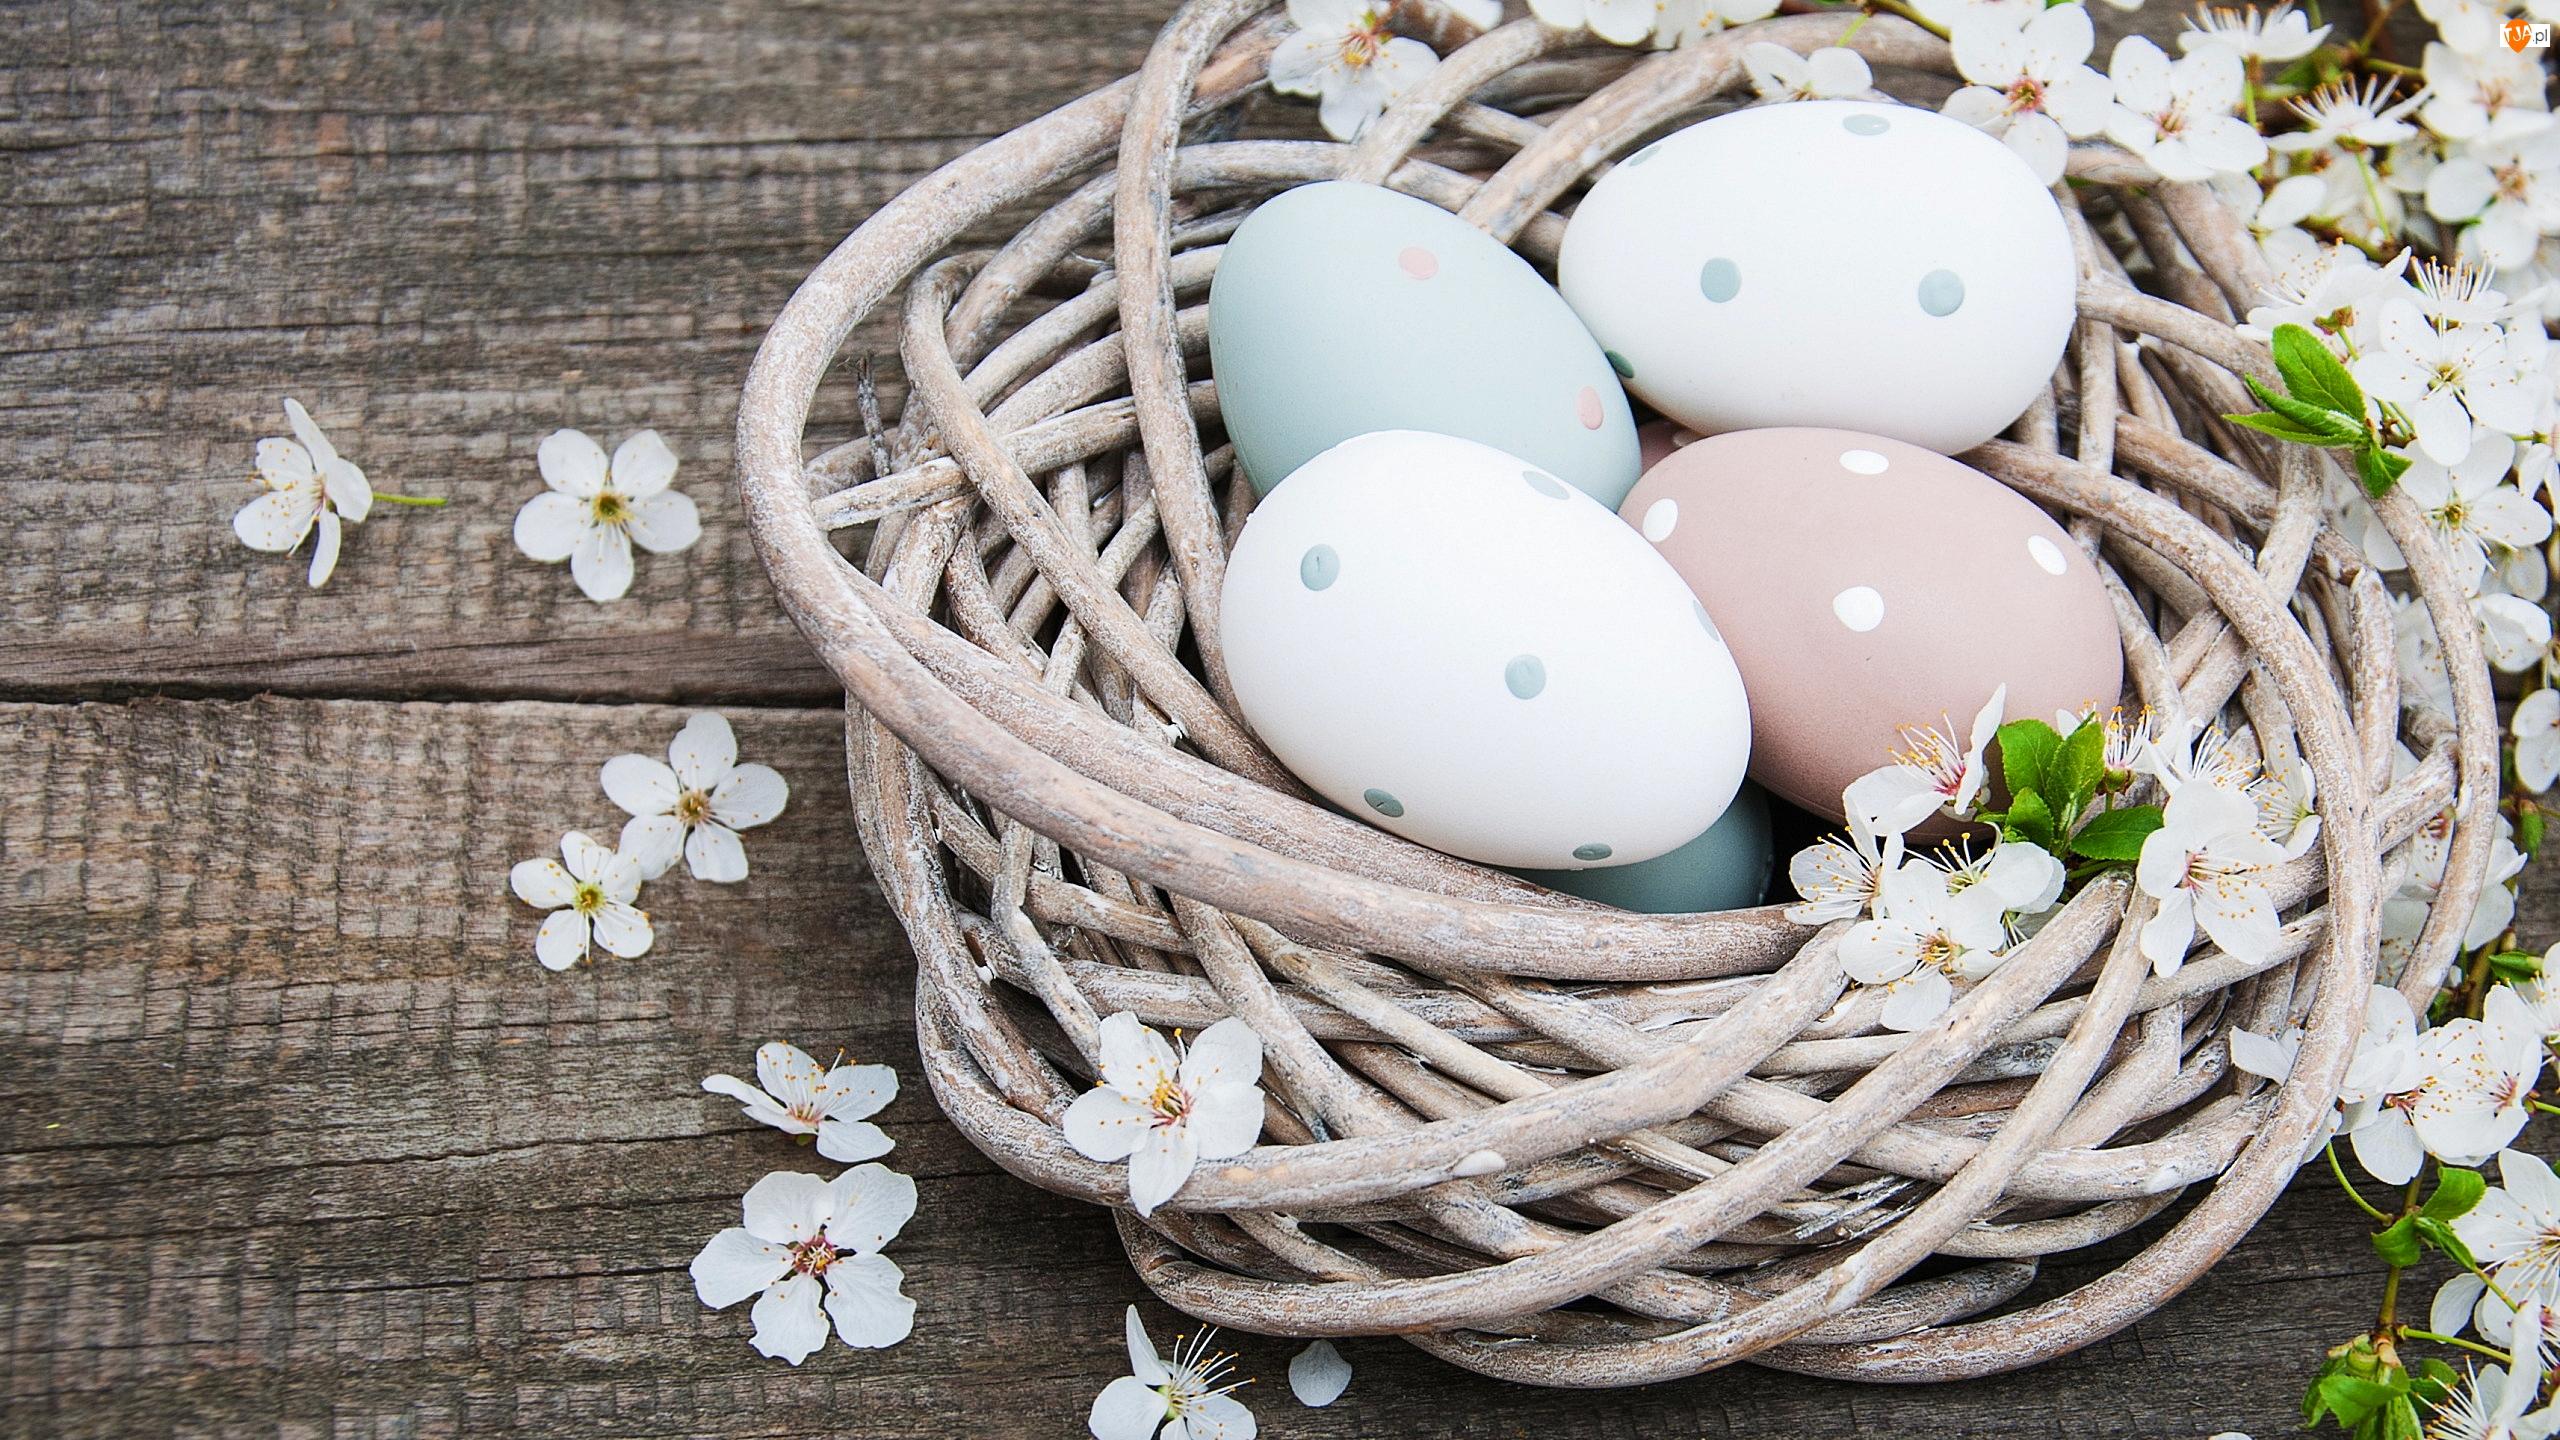 Białe, Gniazdo, Pisanki, Wielkanoc, Kwiatki